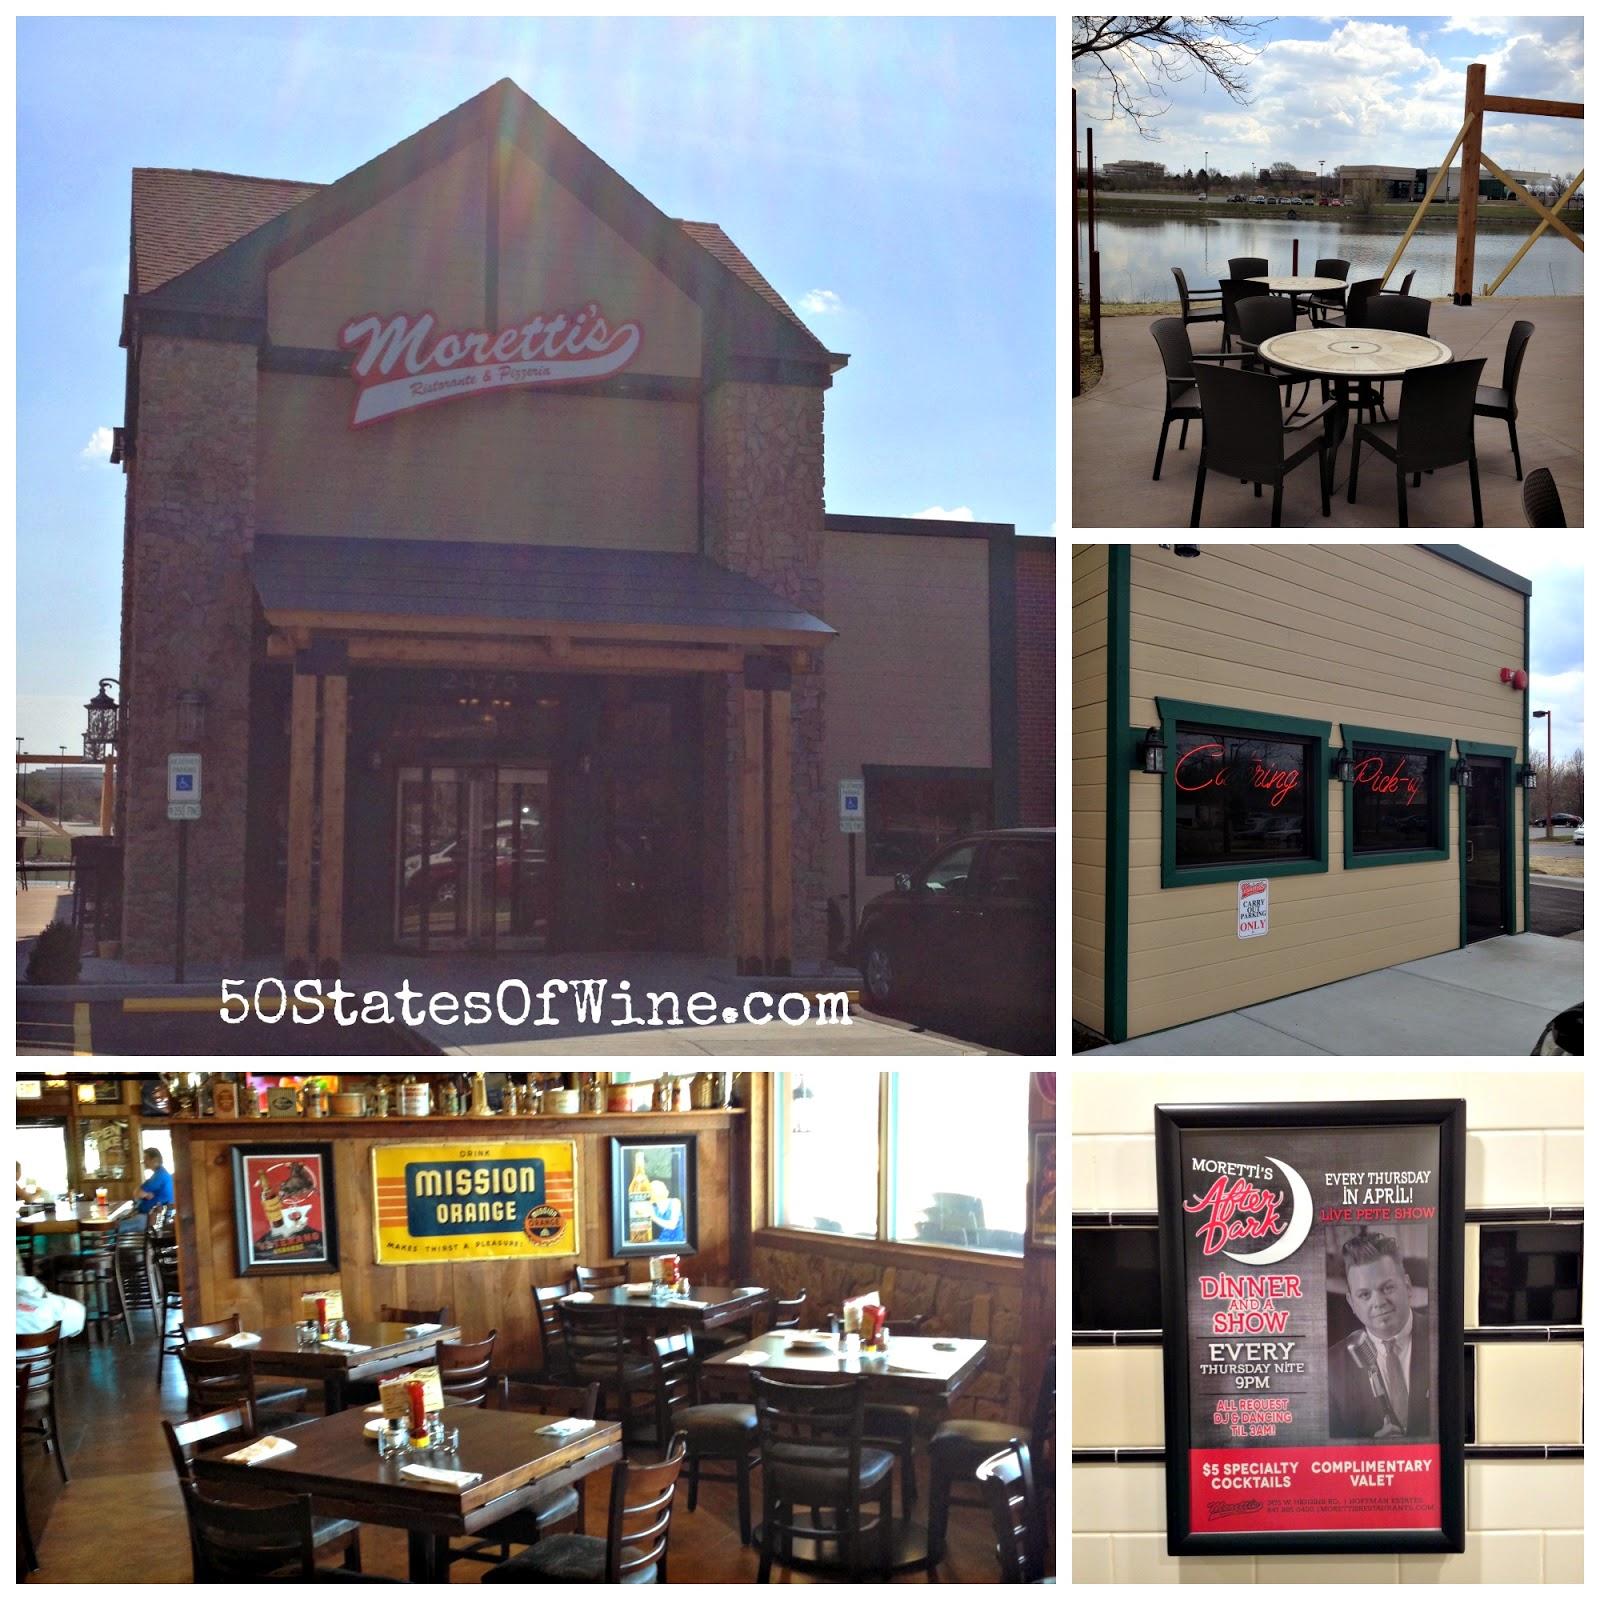 Moretti's Ristorante and Pizzeria, Hoffman Estates